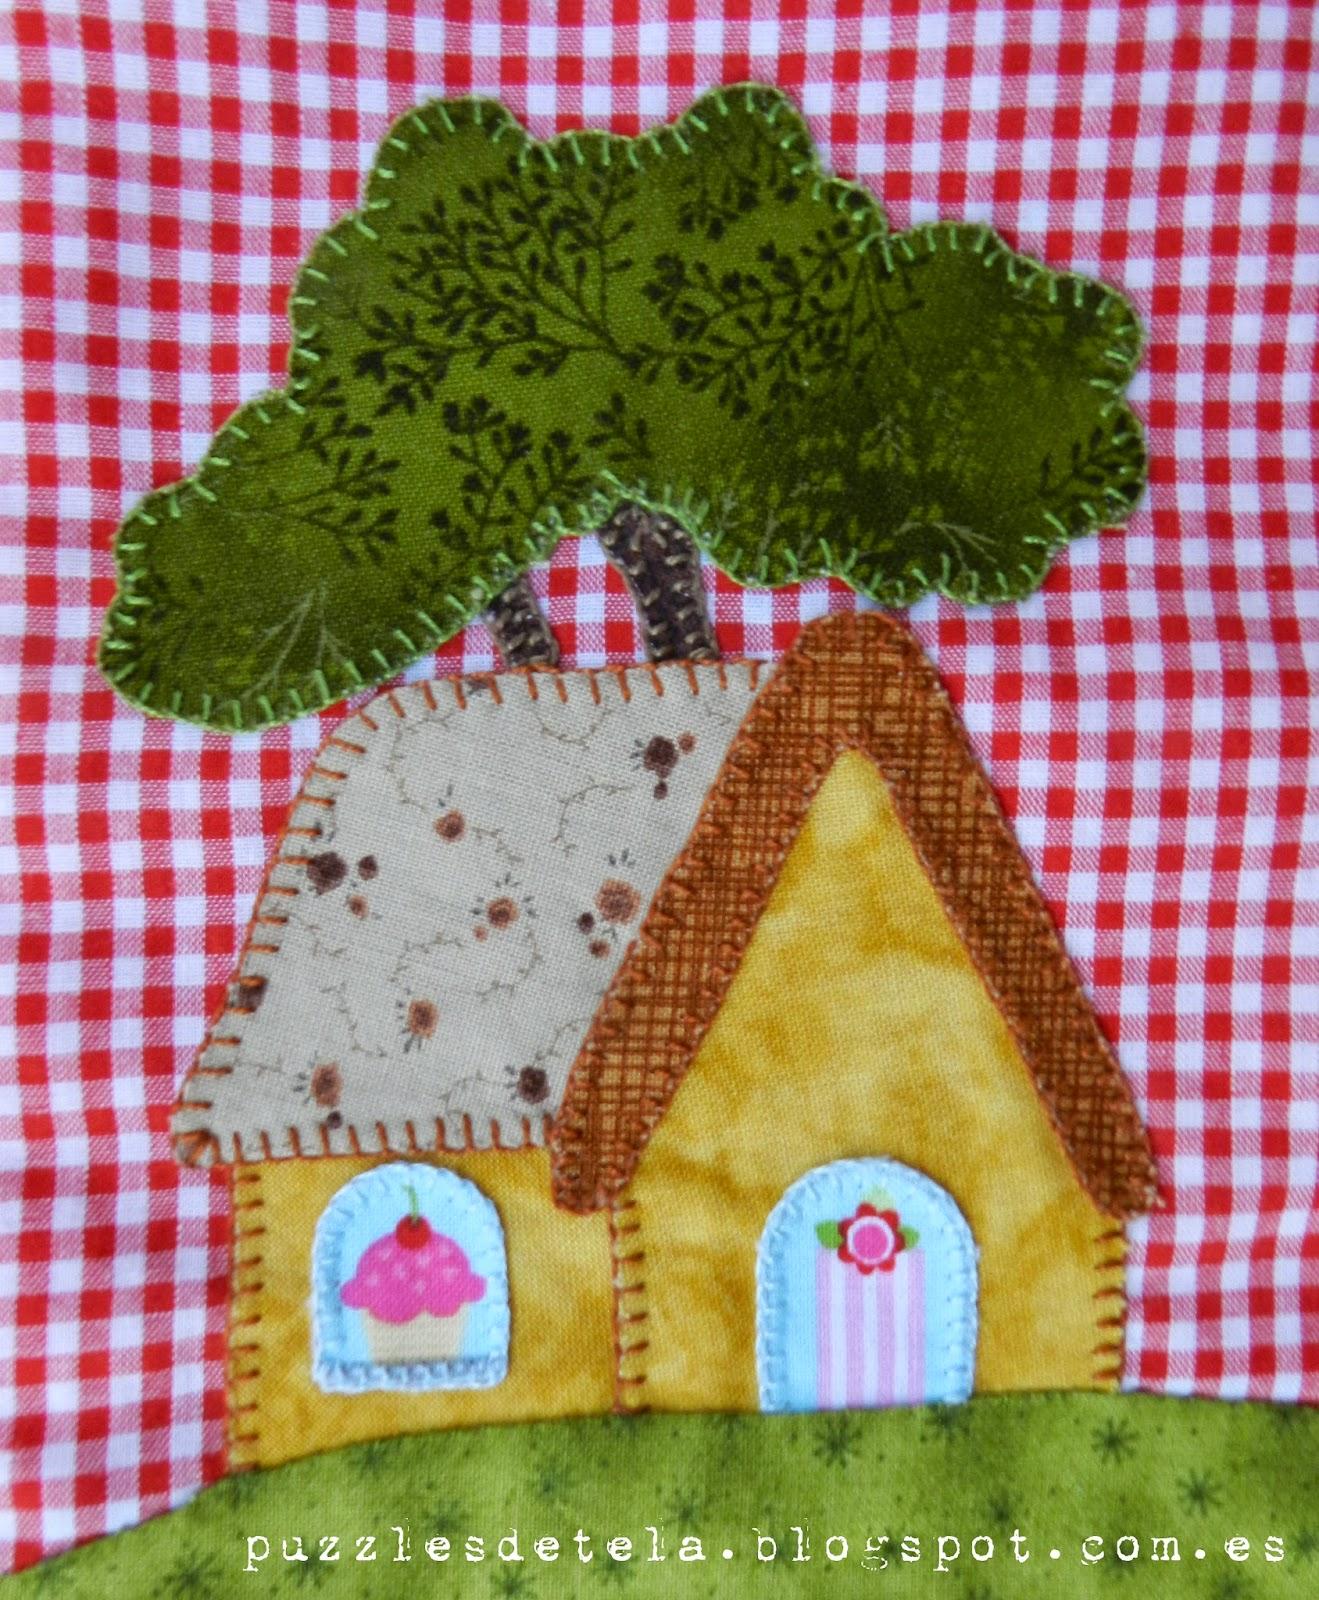 Bolsa de merienda patchwork, mochila patchwork, Caperucita Roja, patchwork, Puzzles de tela, mochila, bolsa de merienda, bags, bag